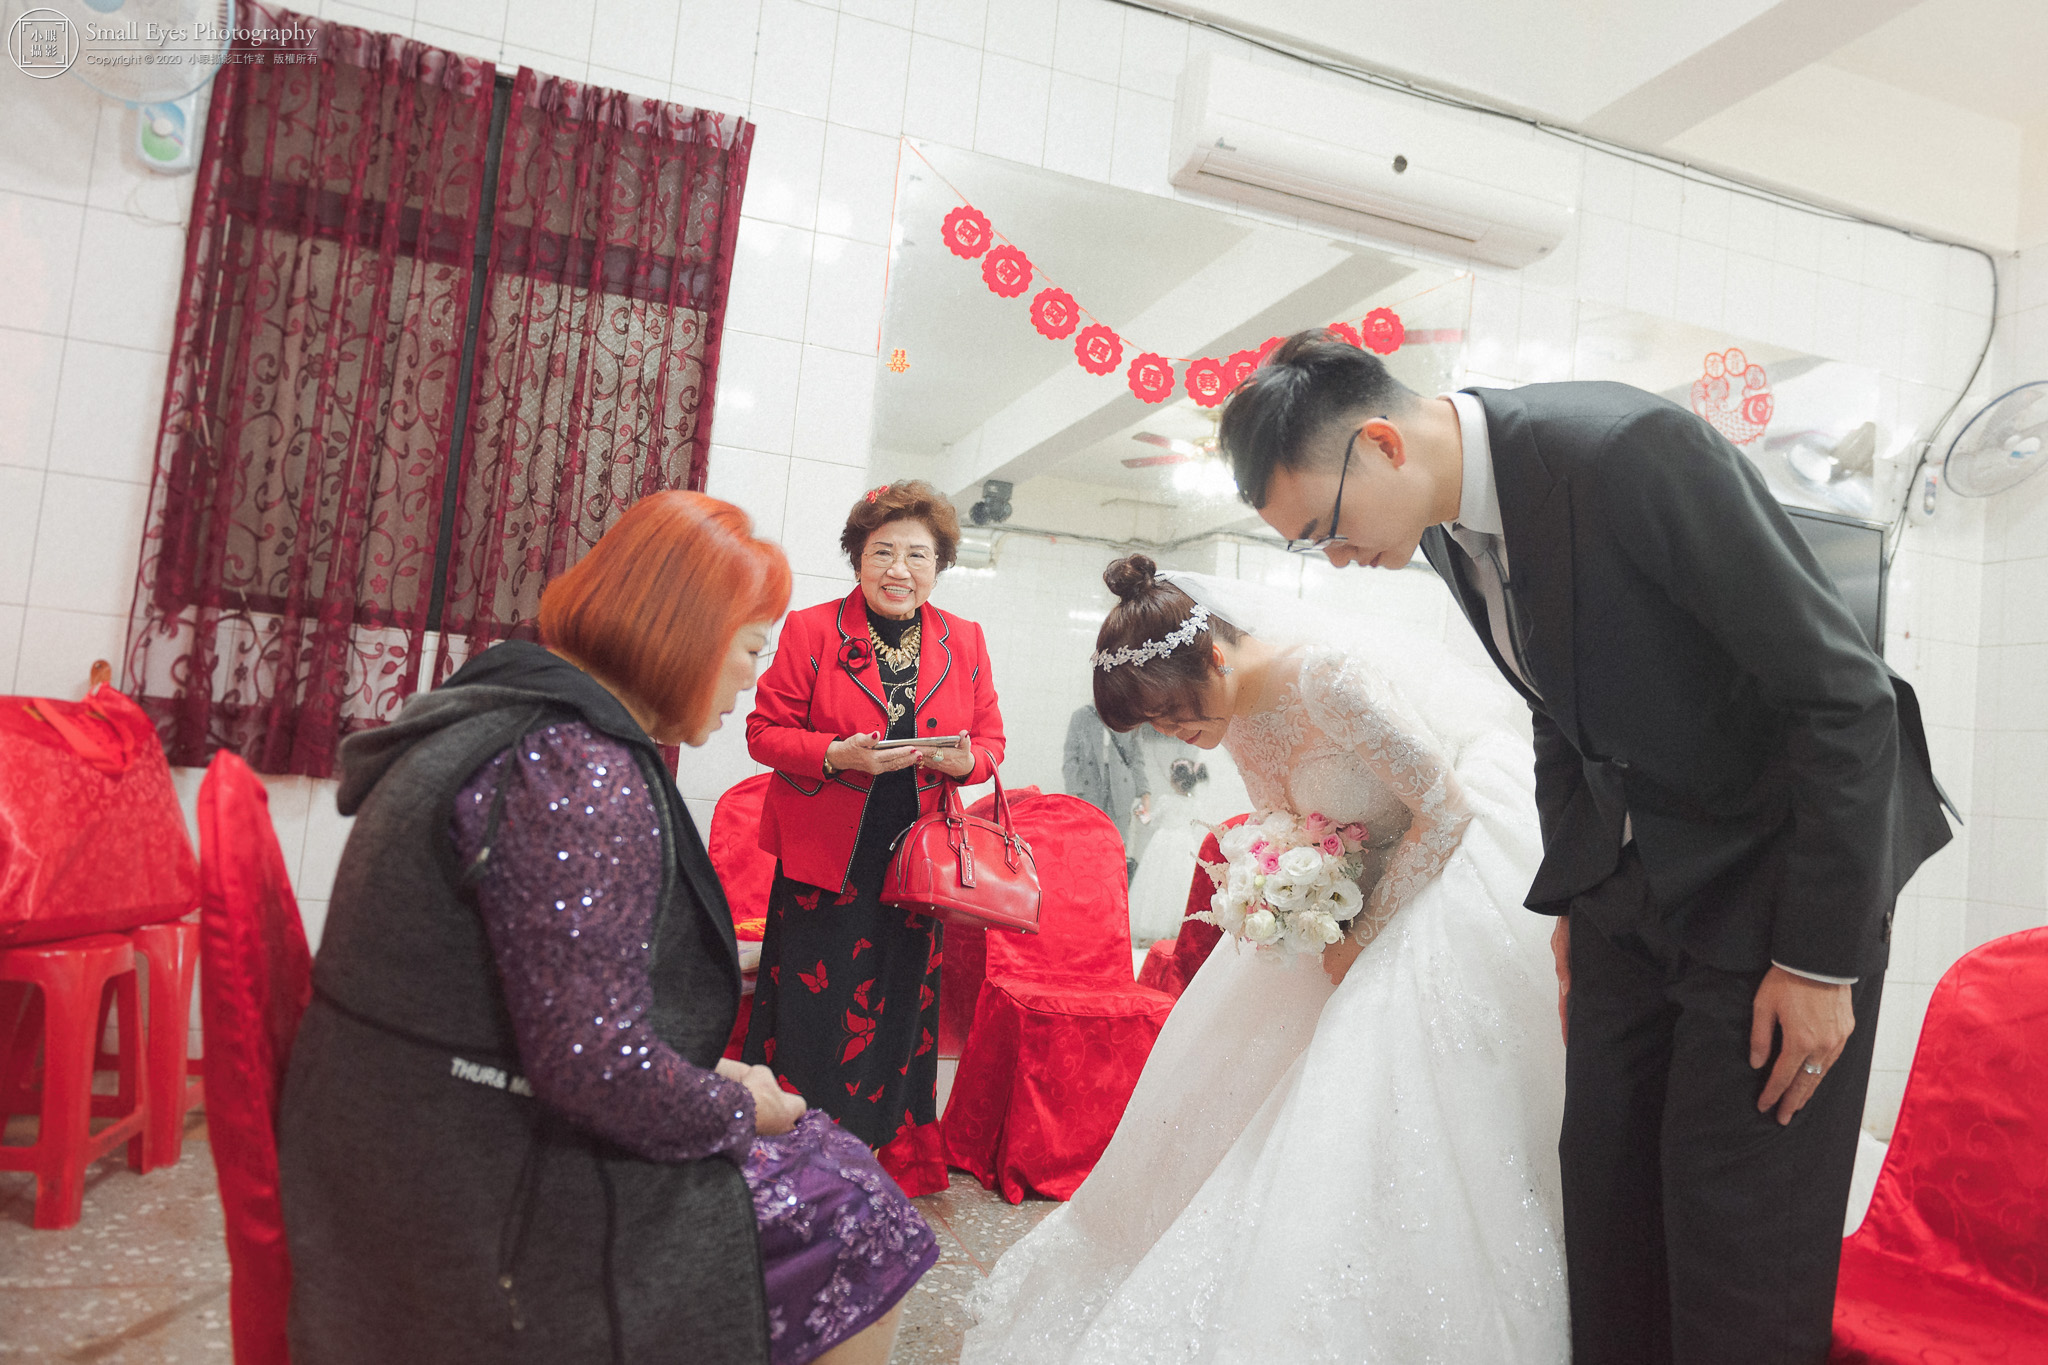 小眼攝影,婚禮攝影,婚禮,婚禮紀錄,婚禮紀實,婚攝,迎娶,傅祐承,新秘瓜瓜,台北,東方文華